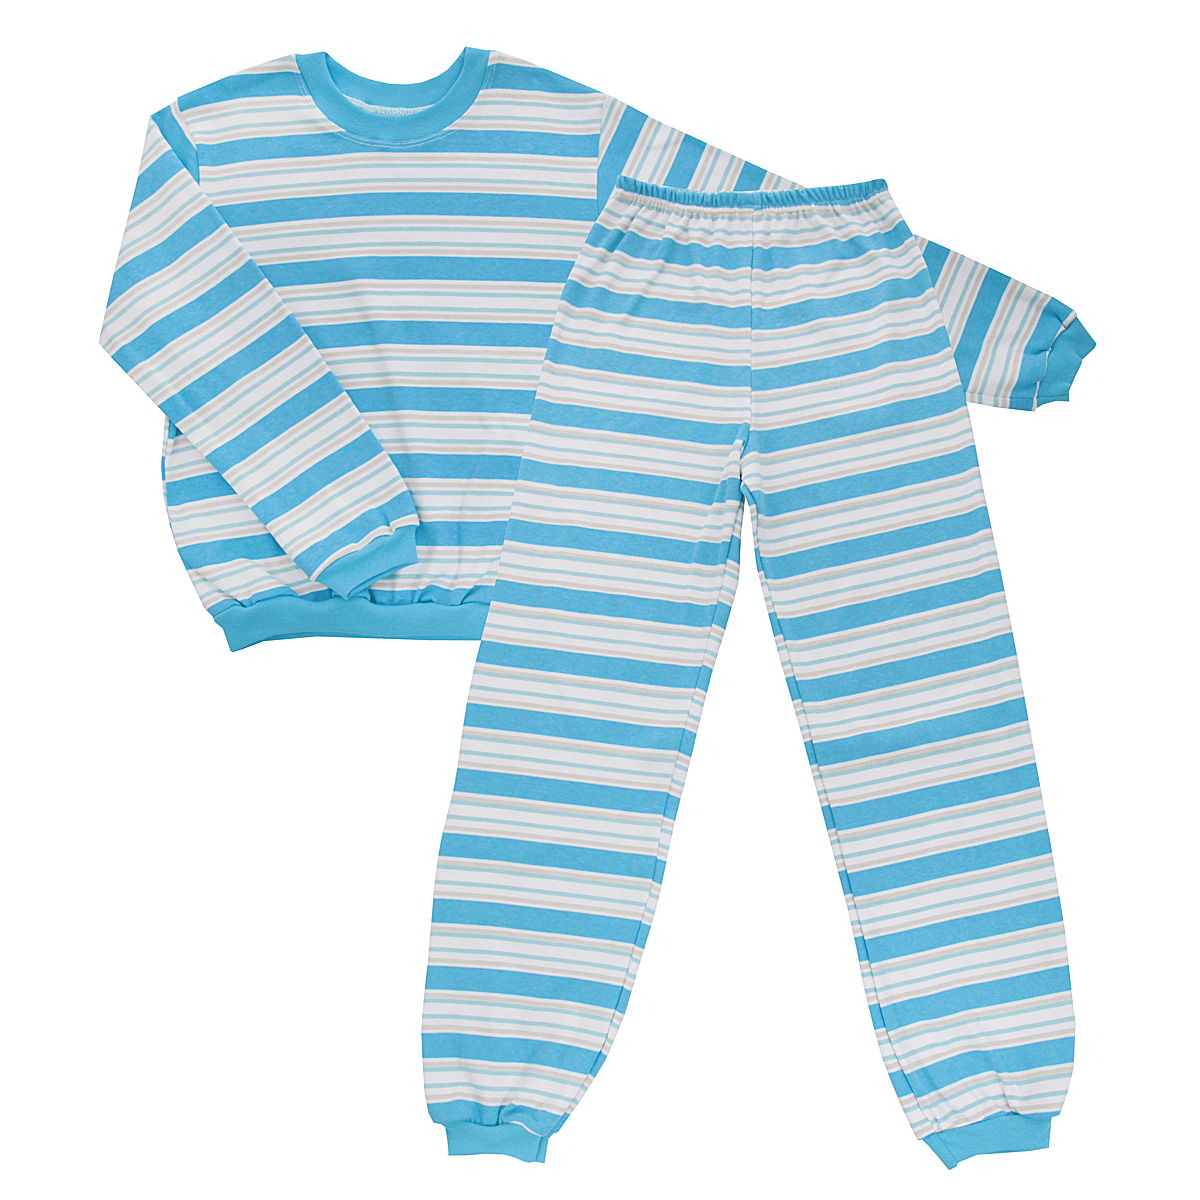 Пижама детская Трон-плюс, цвет: голубой, белый. 5555_полоска. Размер 134/140, 9-12 лет